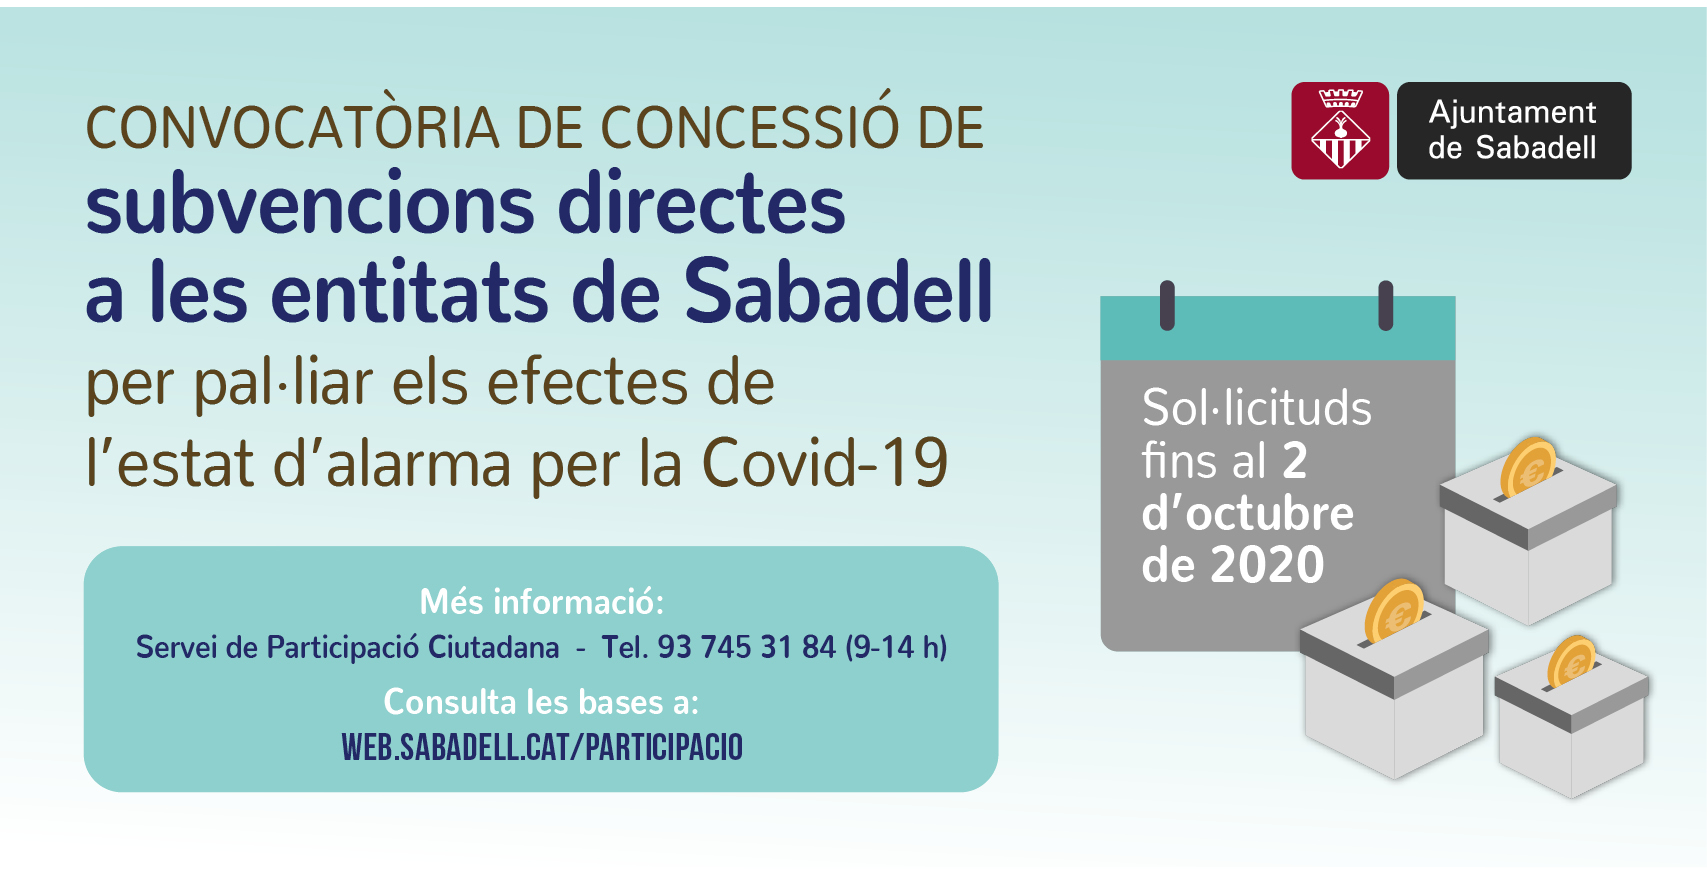 L'Ajuntament ofereix una línia d'ajudes a les entitats sense ànim de lucre per pal·liar els efectes econòmics de la Covid-19